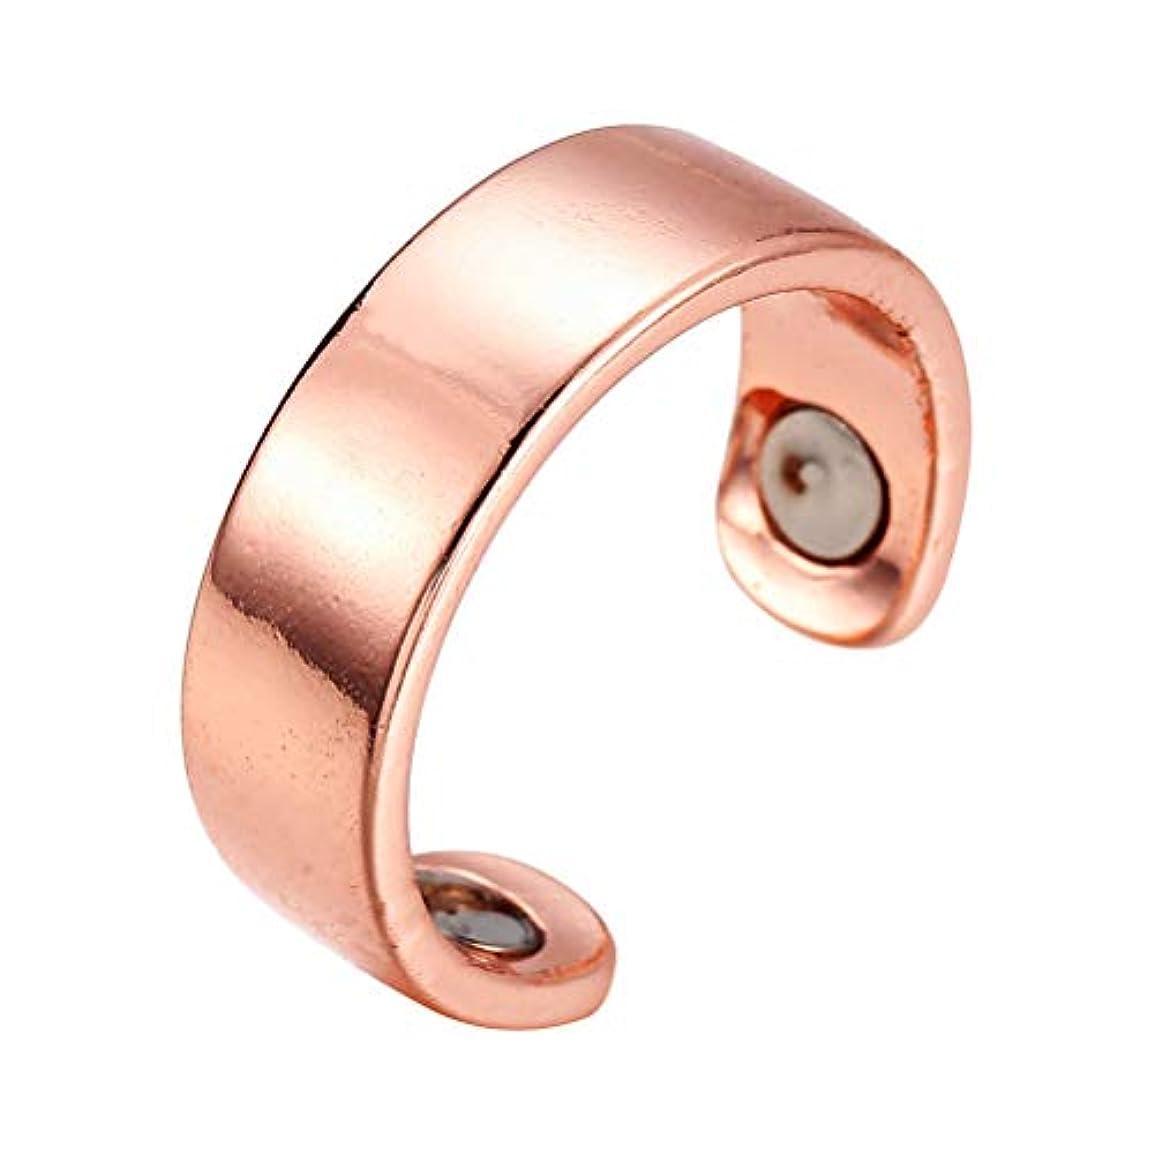 遠足アライアンス無数のHEALIFTY 指圧マッサージ指輪防止いびきリング息切れ指圧治療ヘルスケア磁気療法健康的な睡眠リング開環(釉、ローズゴールデン)